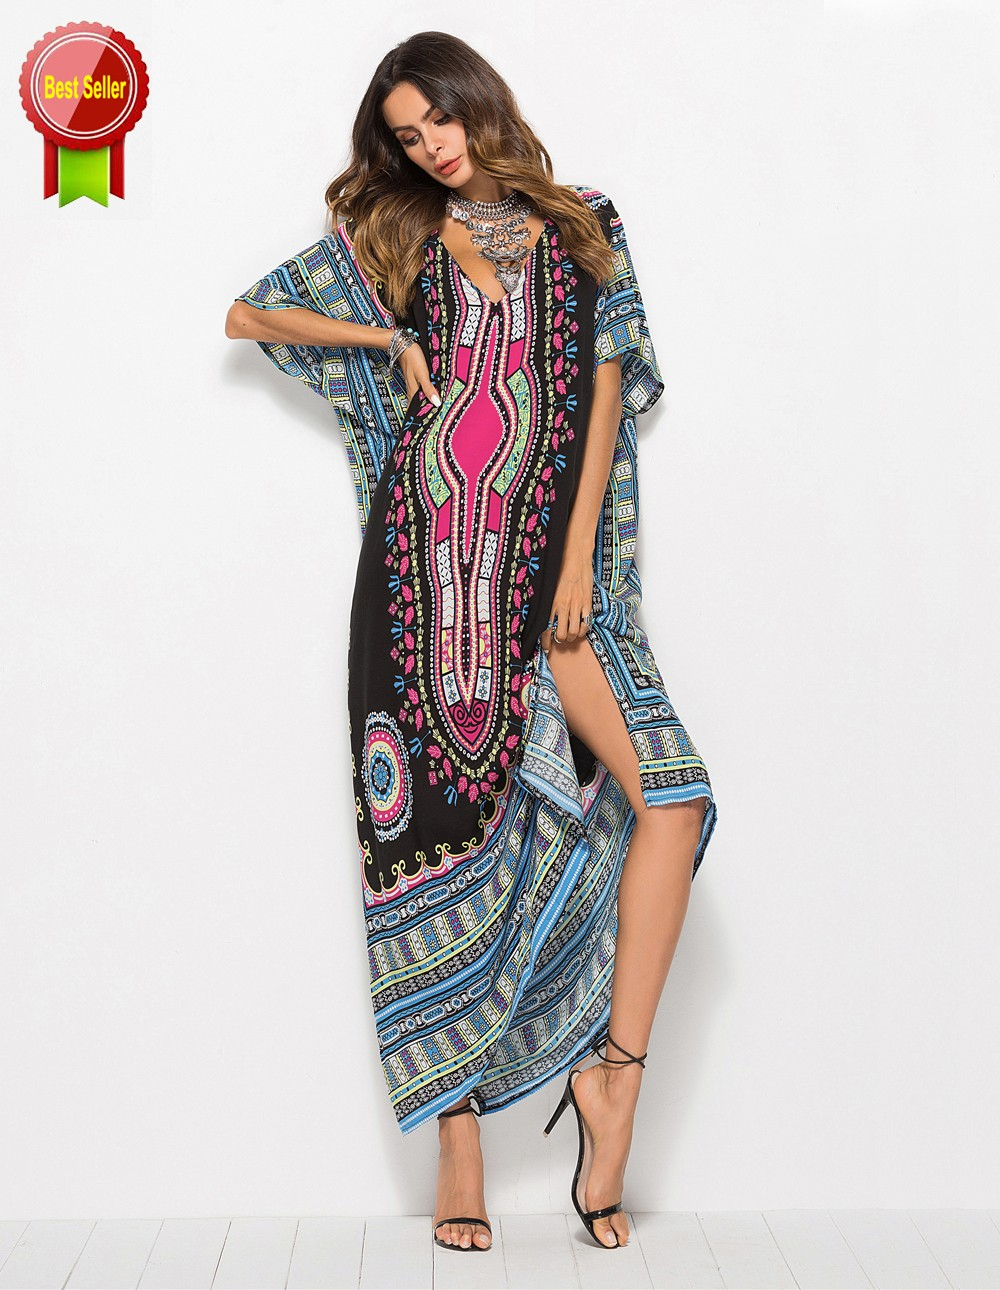 6f055352c Venta al por mayor vestimenta de los gitanos-Compre online los ...